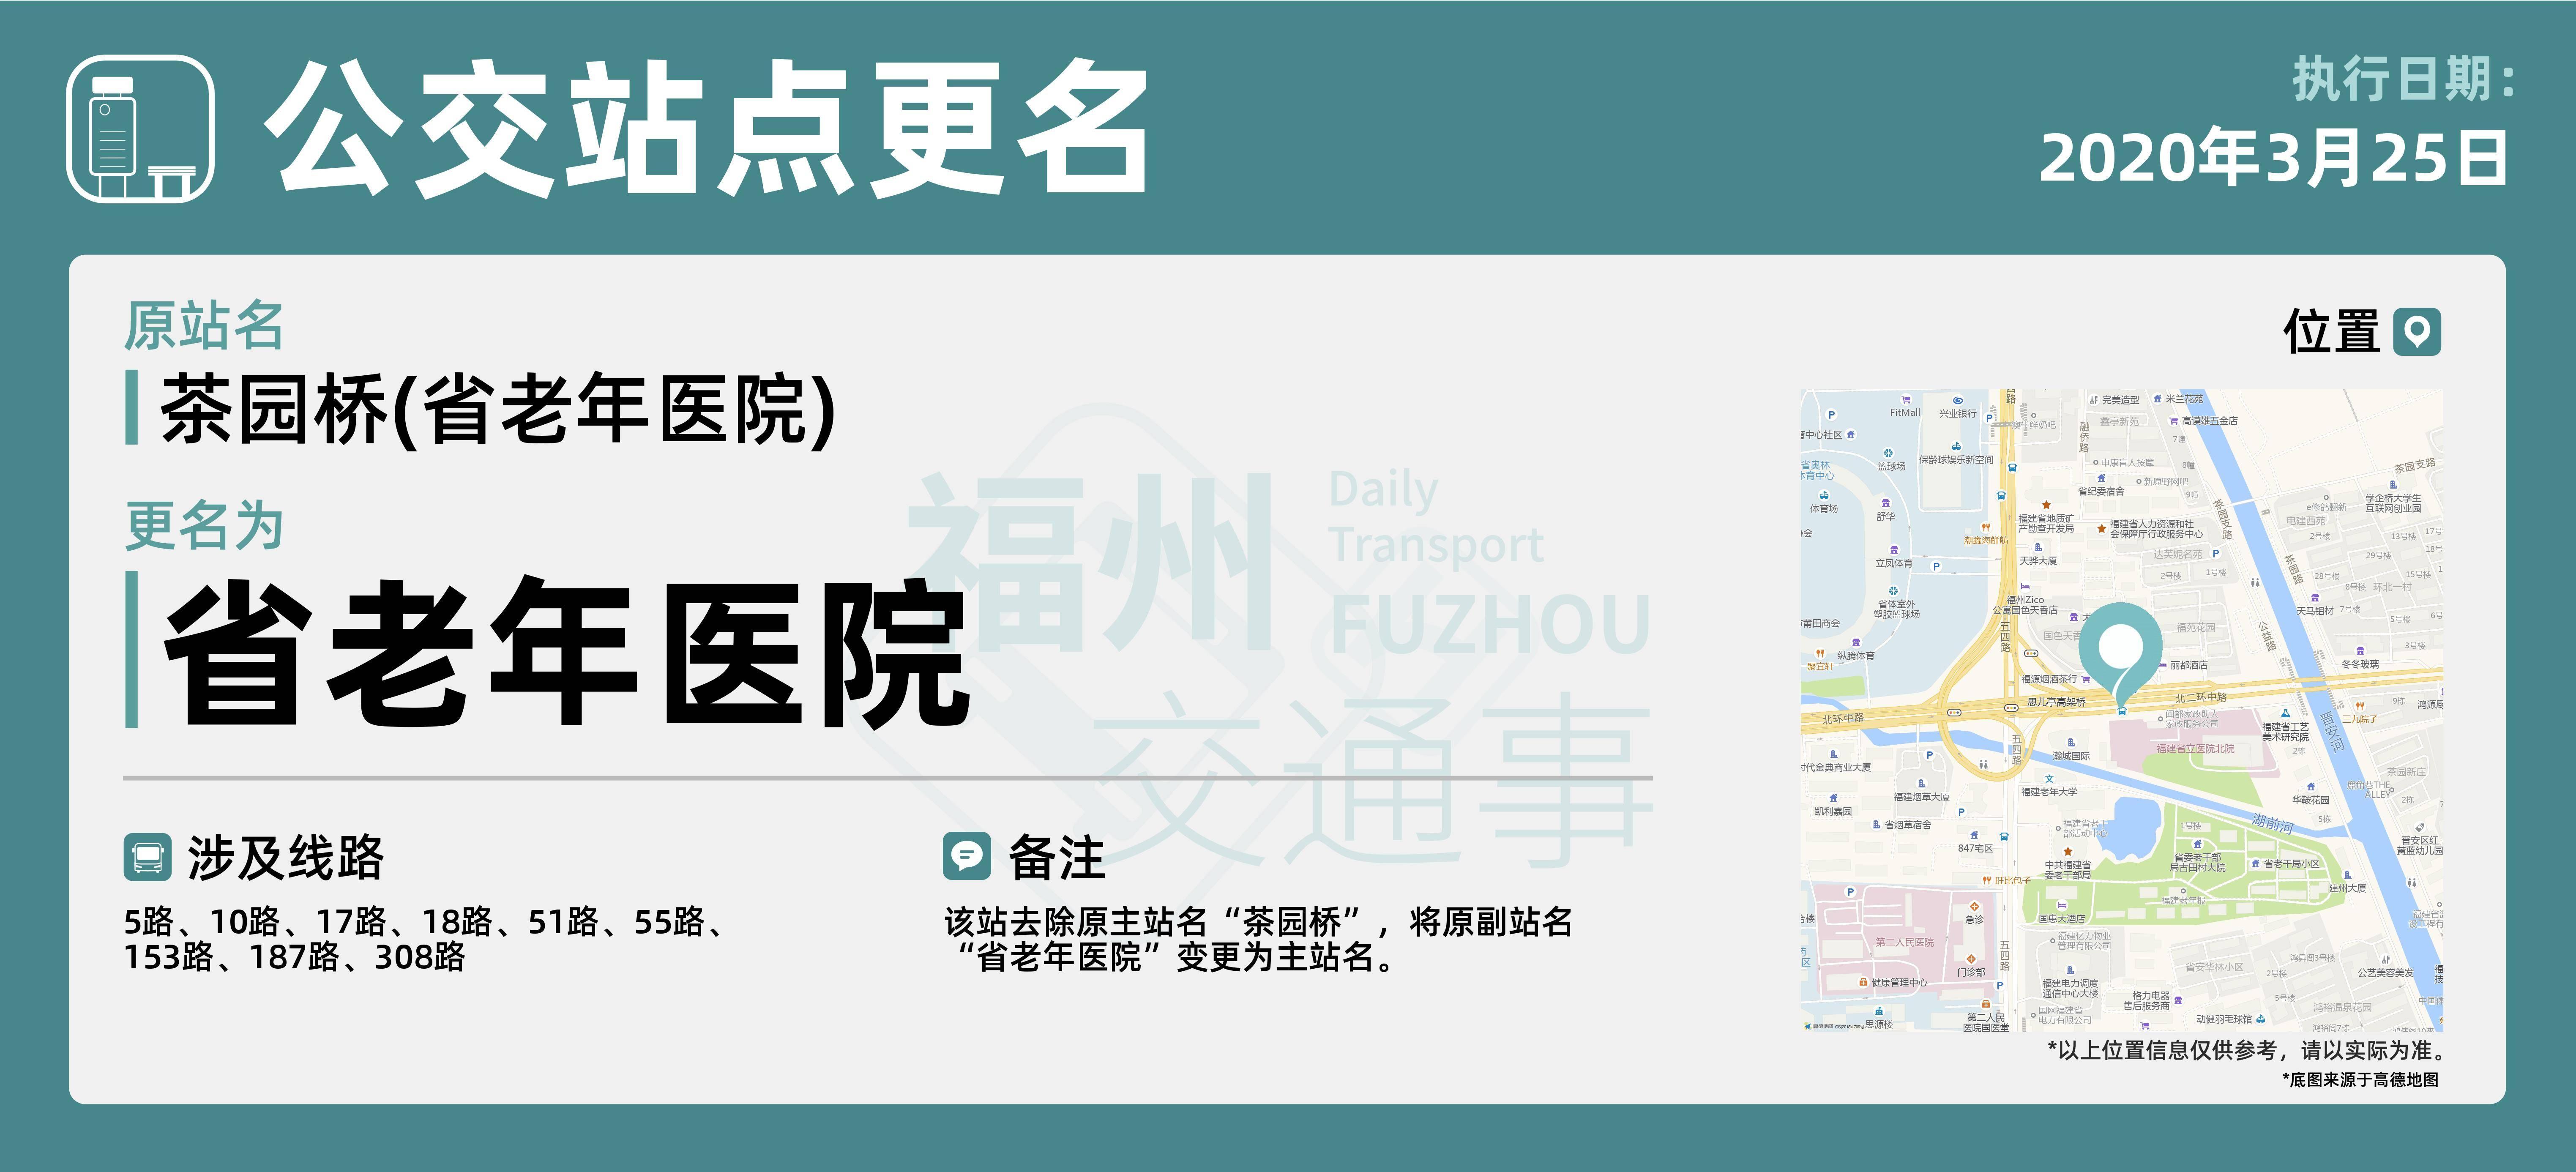 茶园桥(省老年医院)更名.jpg